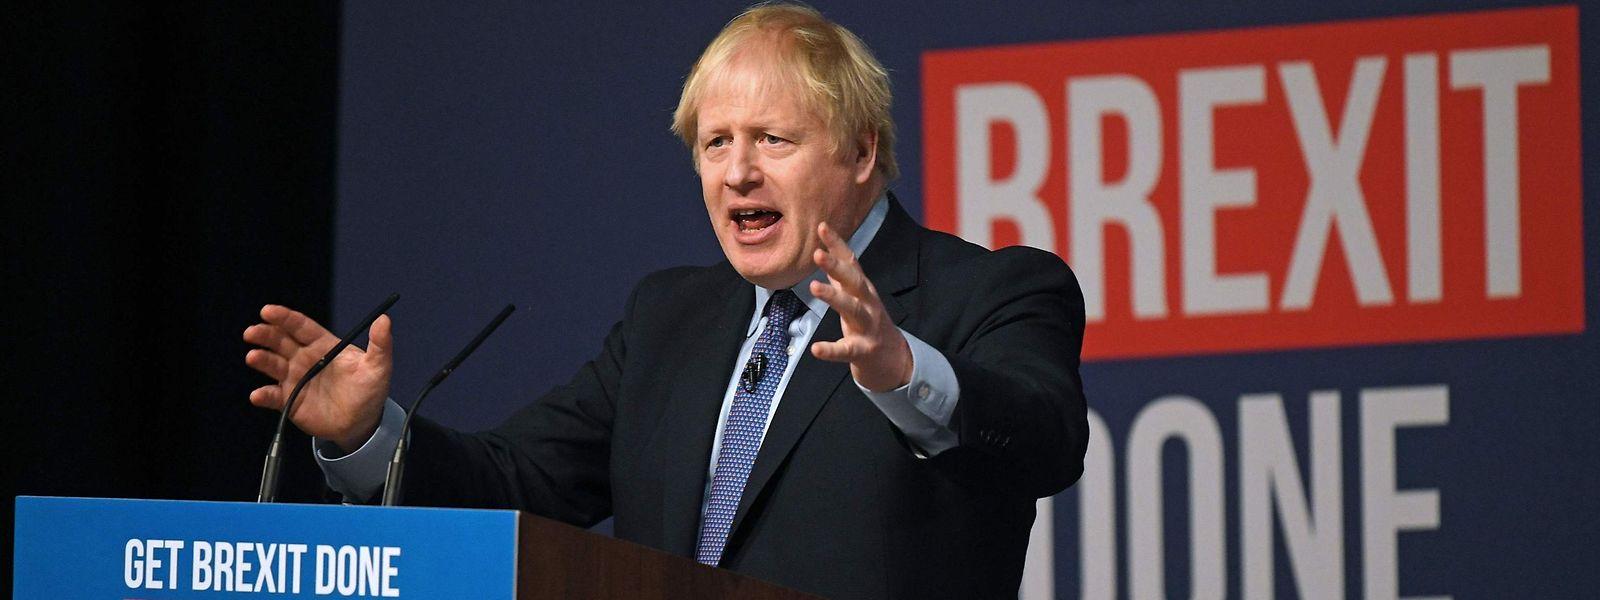 Le Premier ministre a martelé son projet de réaliser le Brexit au plus vite, dimanche.